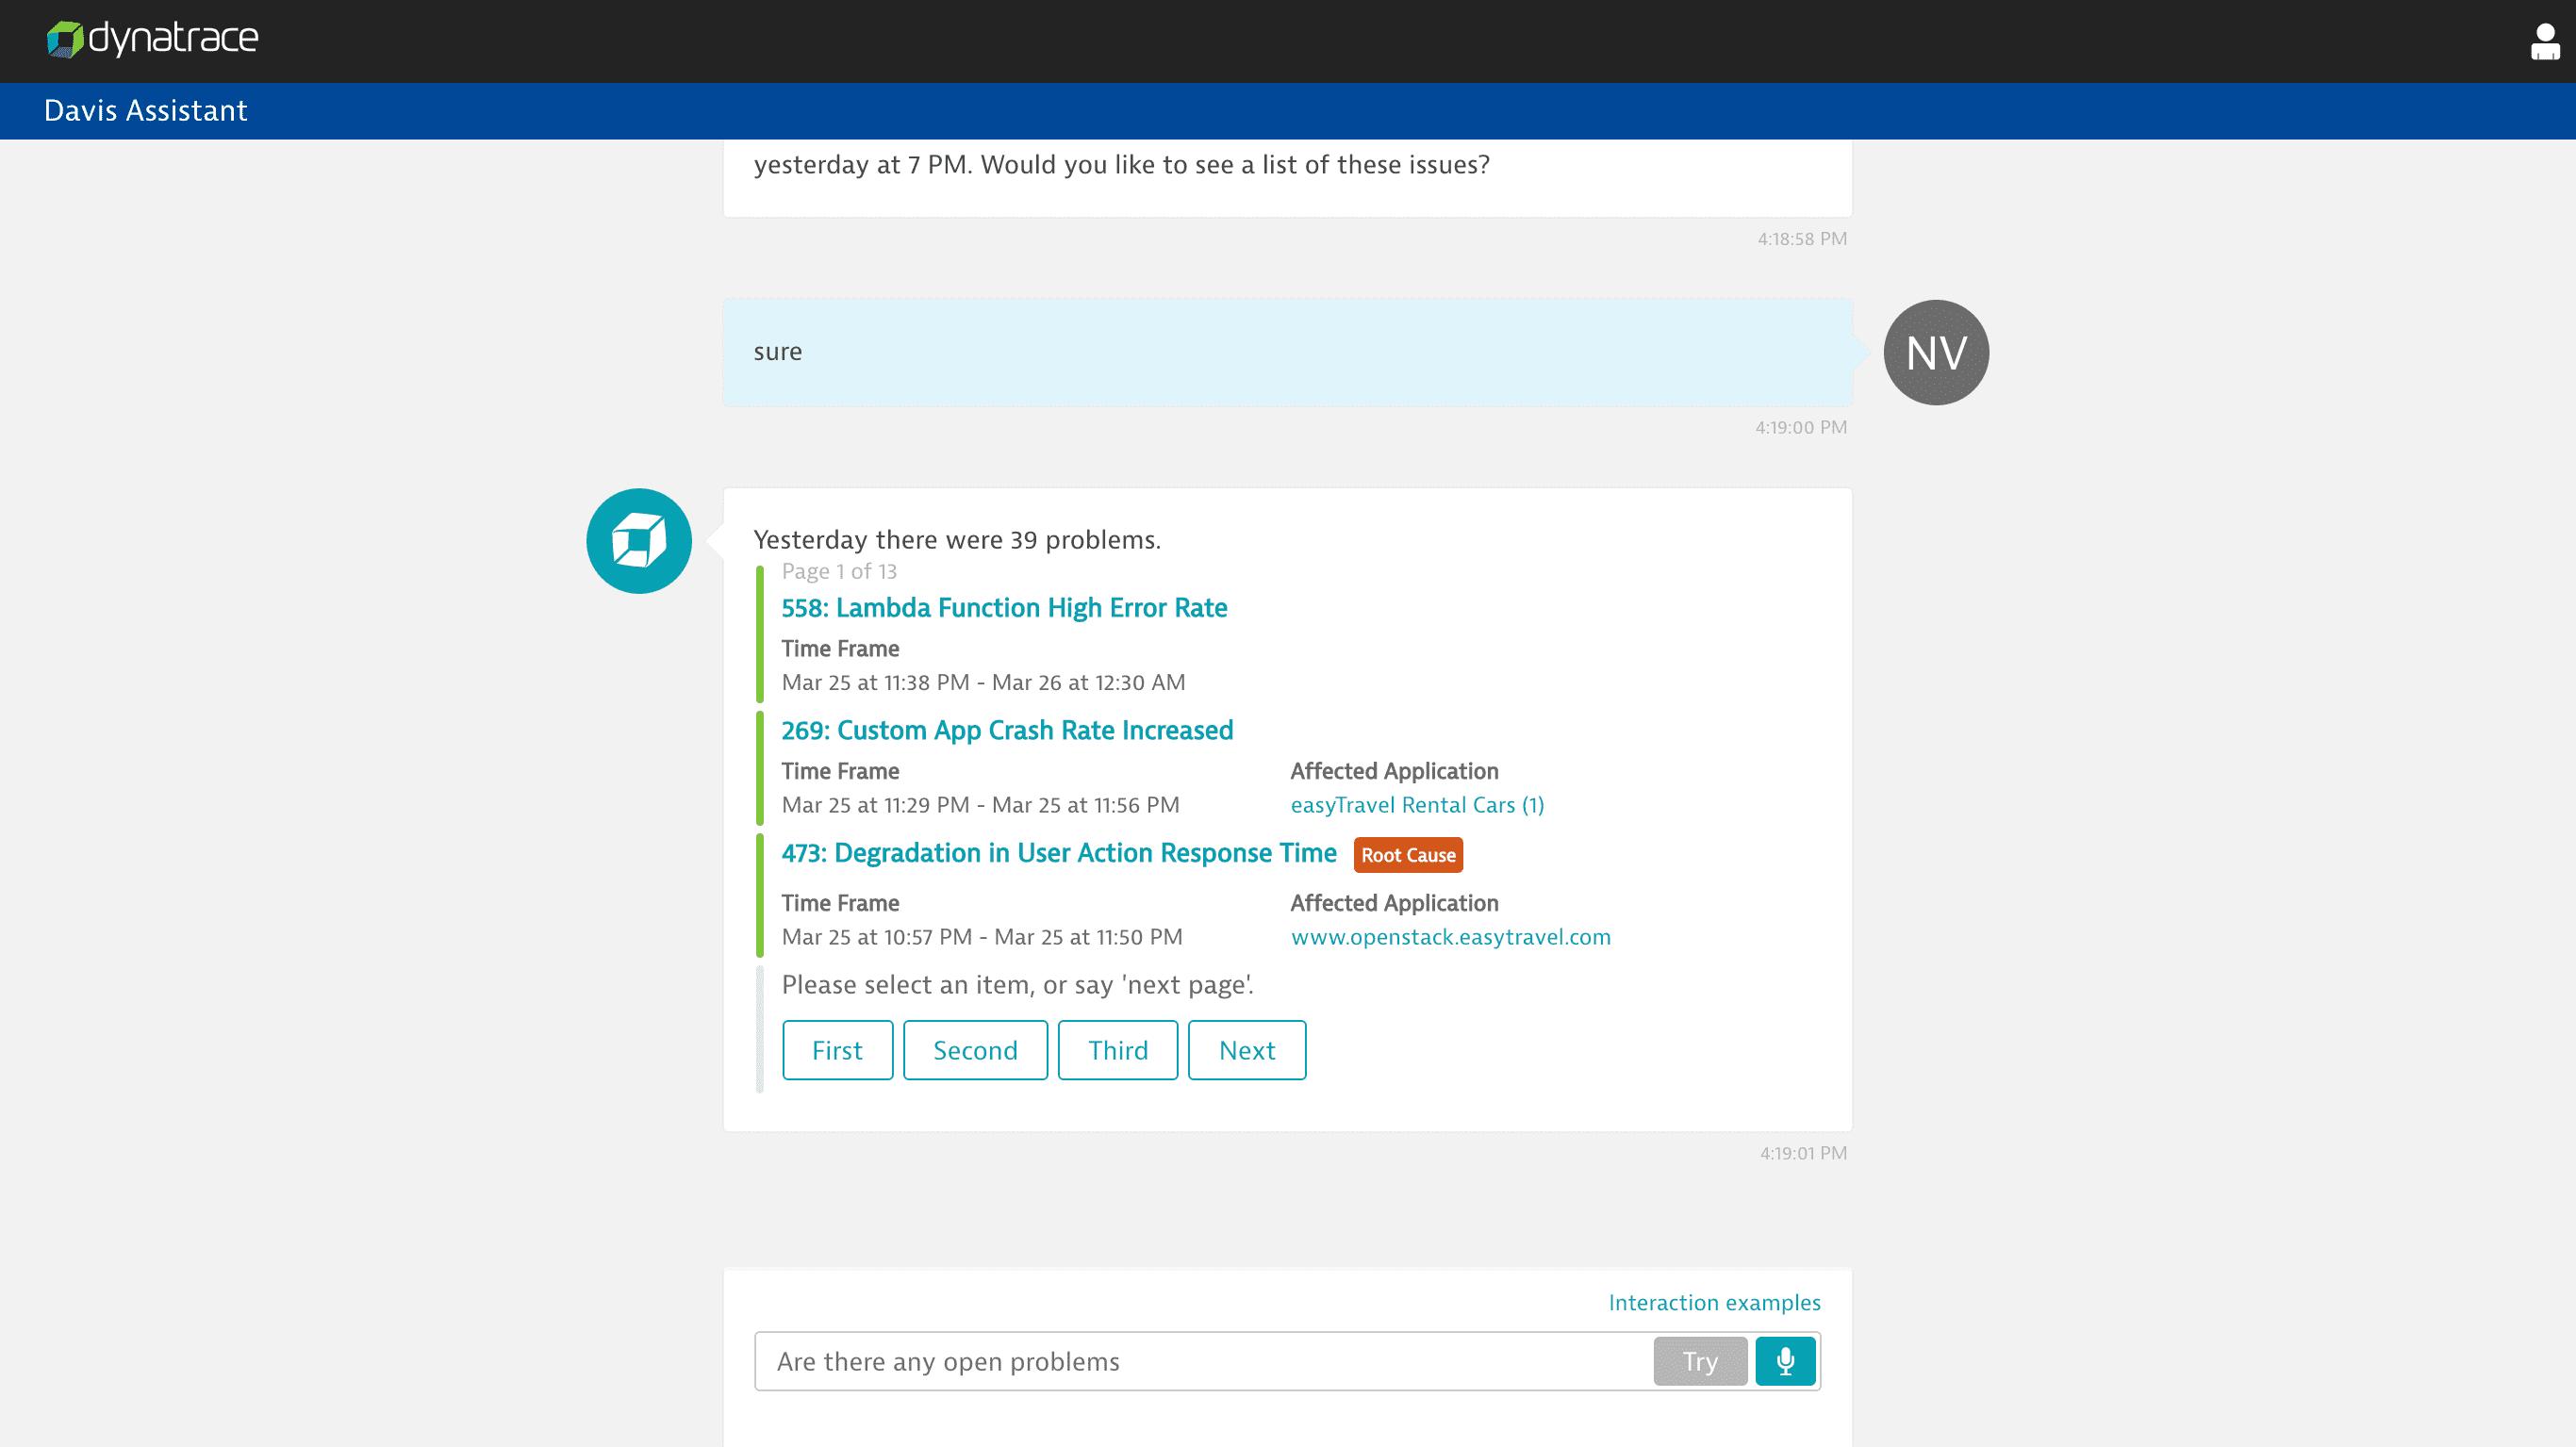 Davis Assistant web interaction